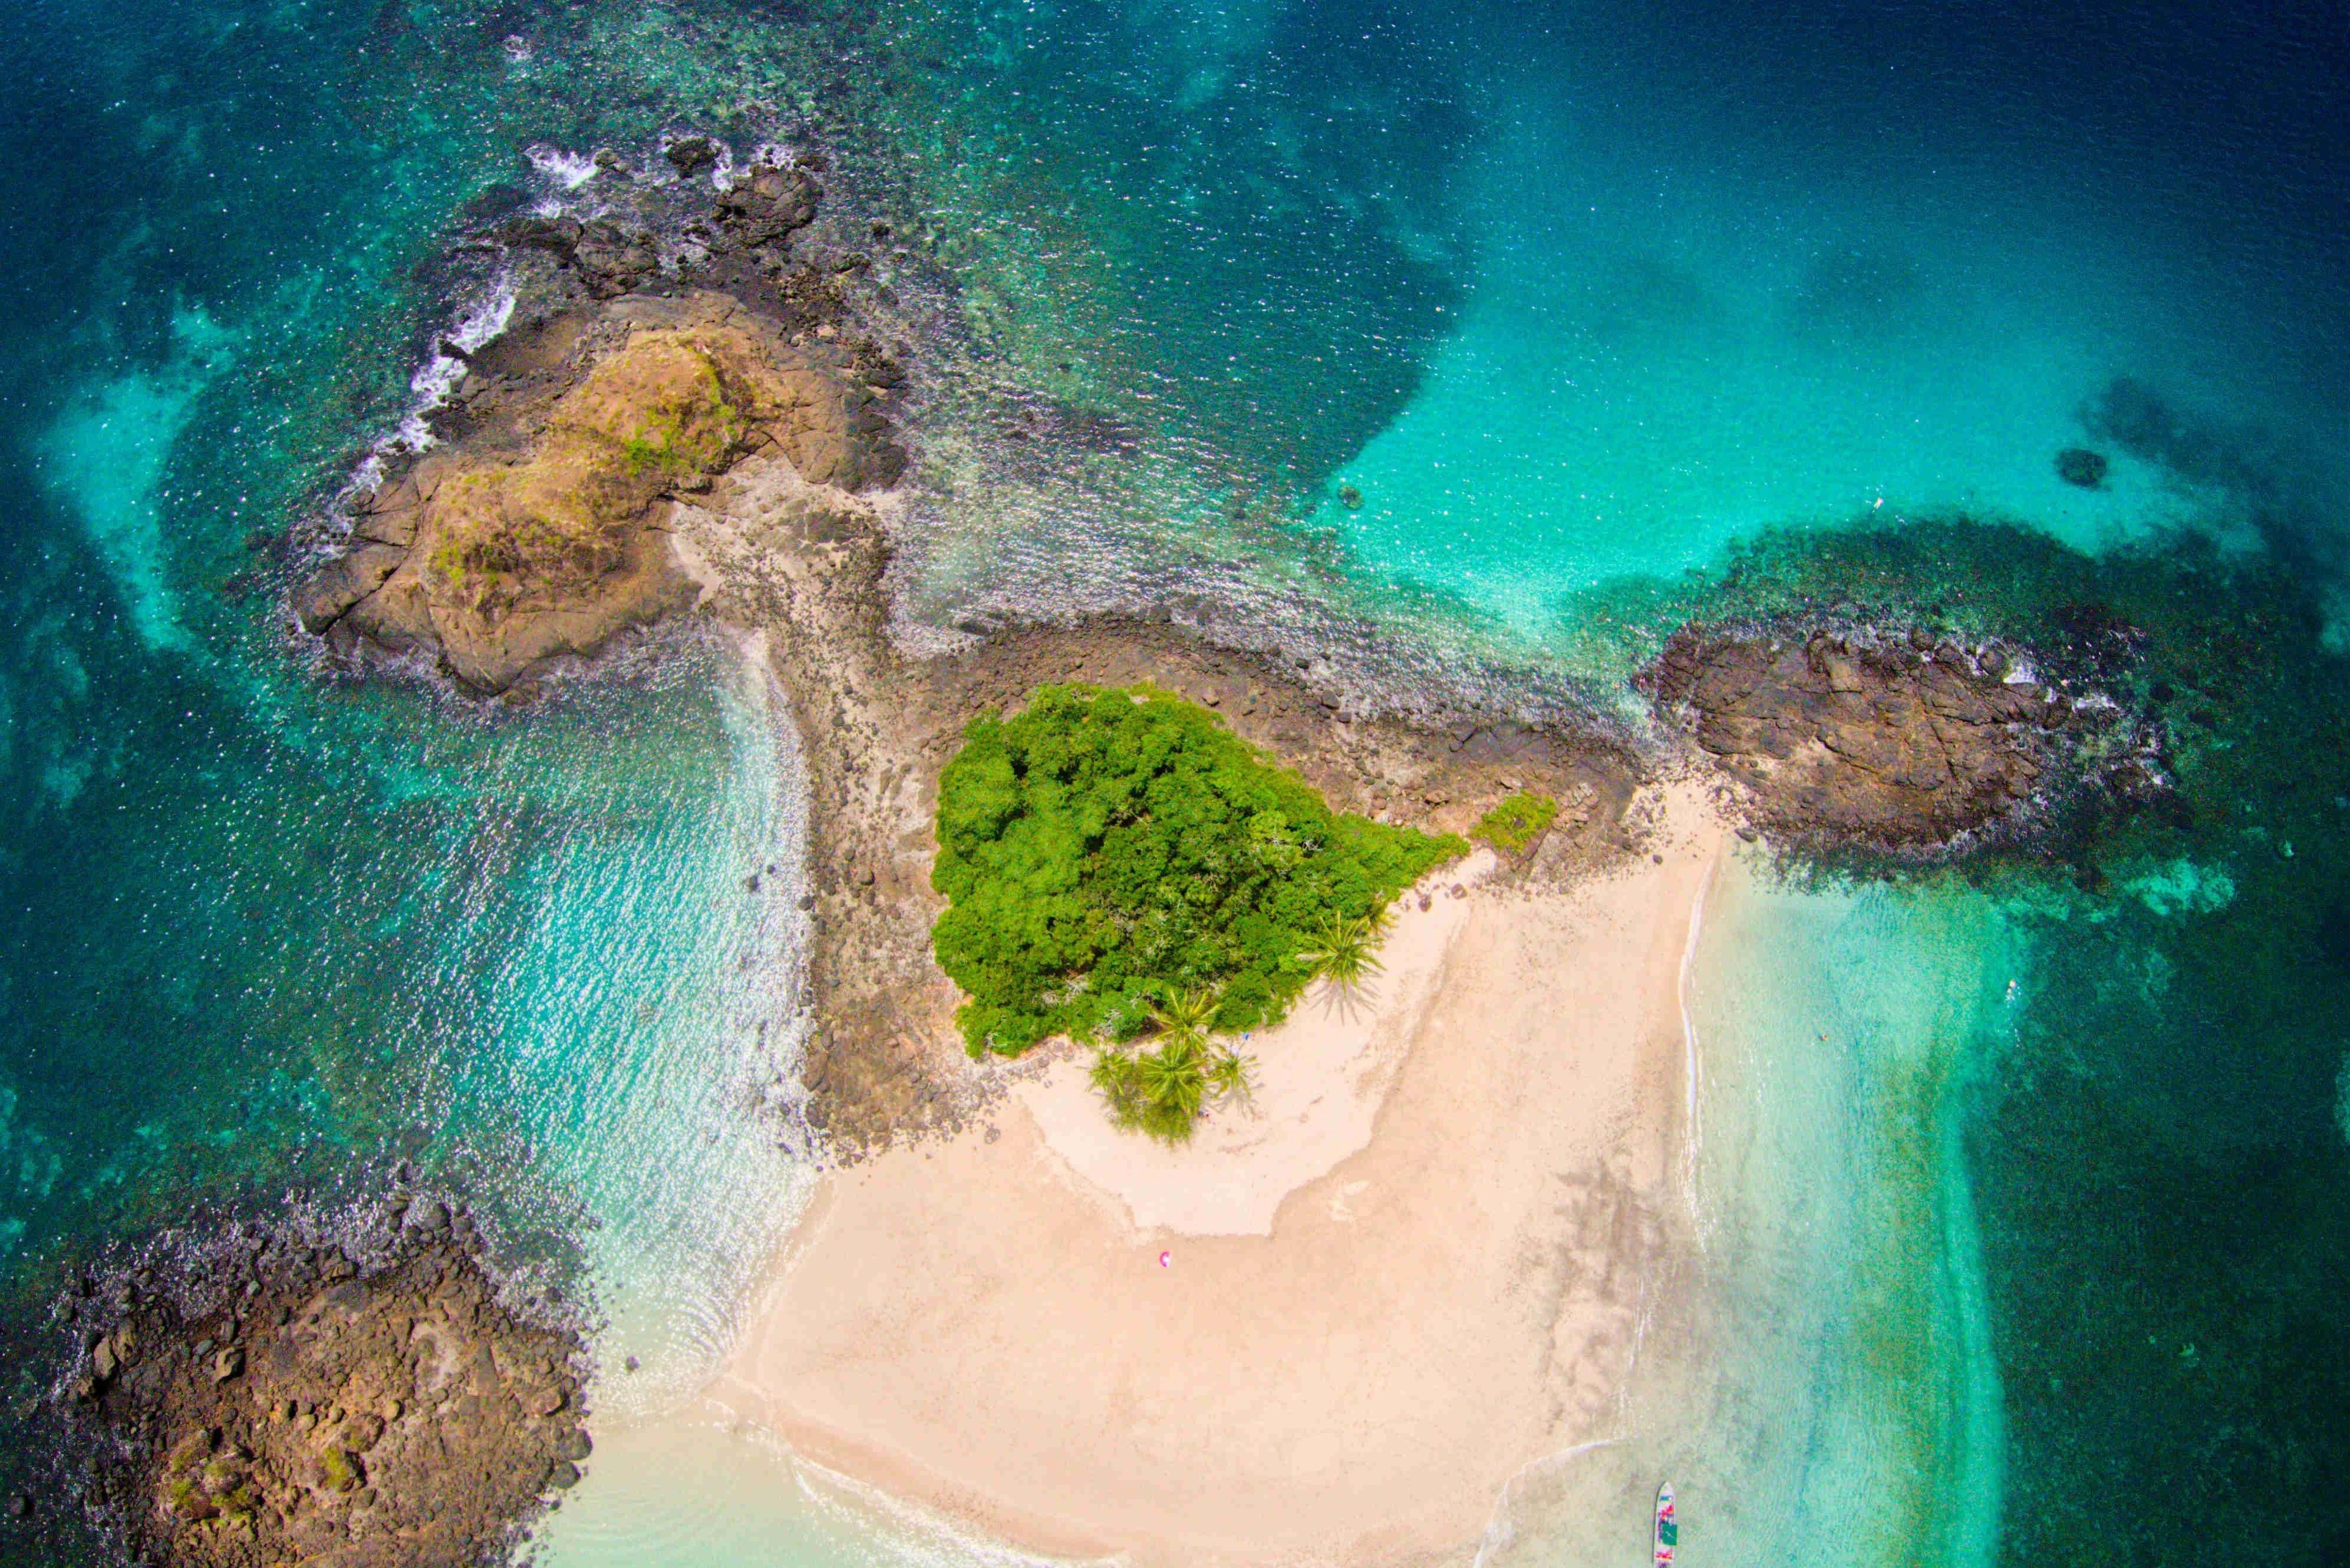 Increible imagen aerea, plano totalmente vertical, de la isla Granito de Oro en el archipielago de Coiba